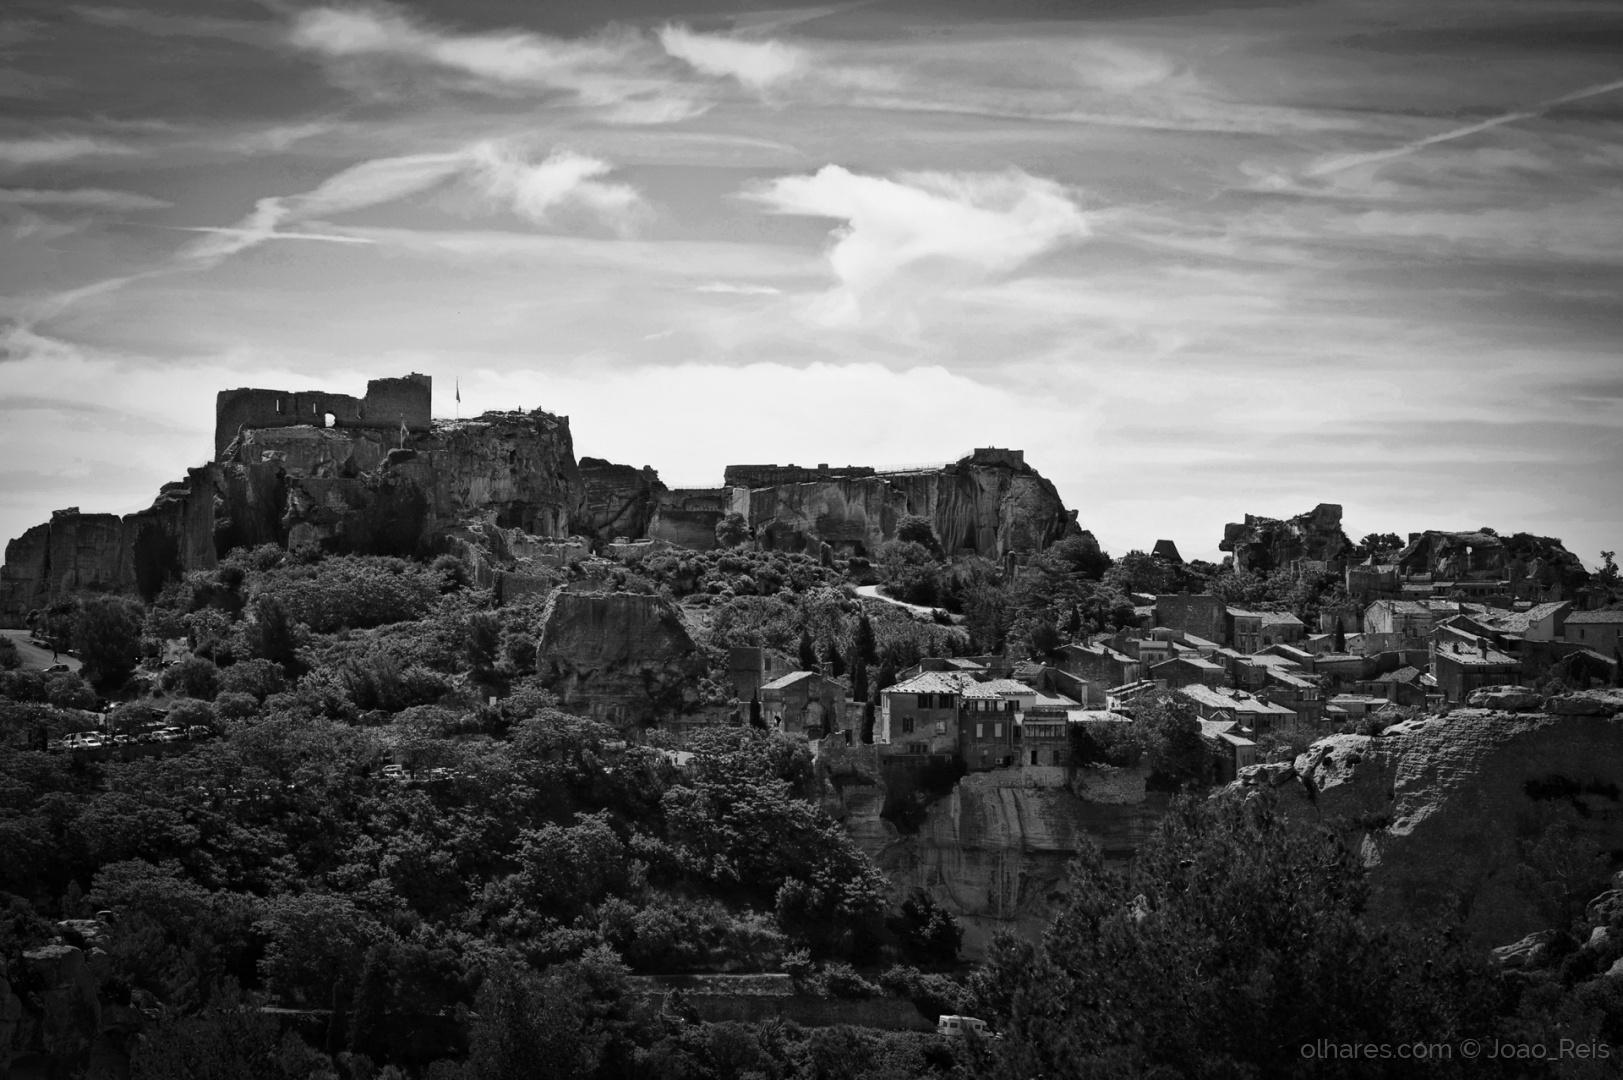 Paisagem Urbana/Les Baux-de-Provence (ver descrição)